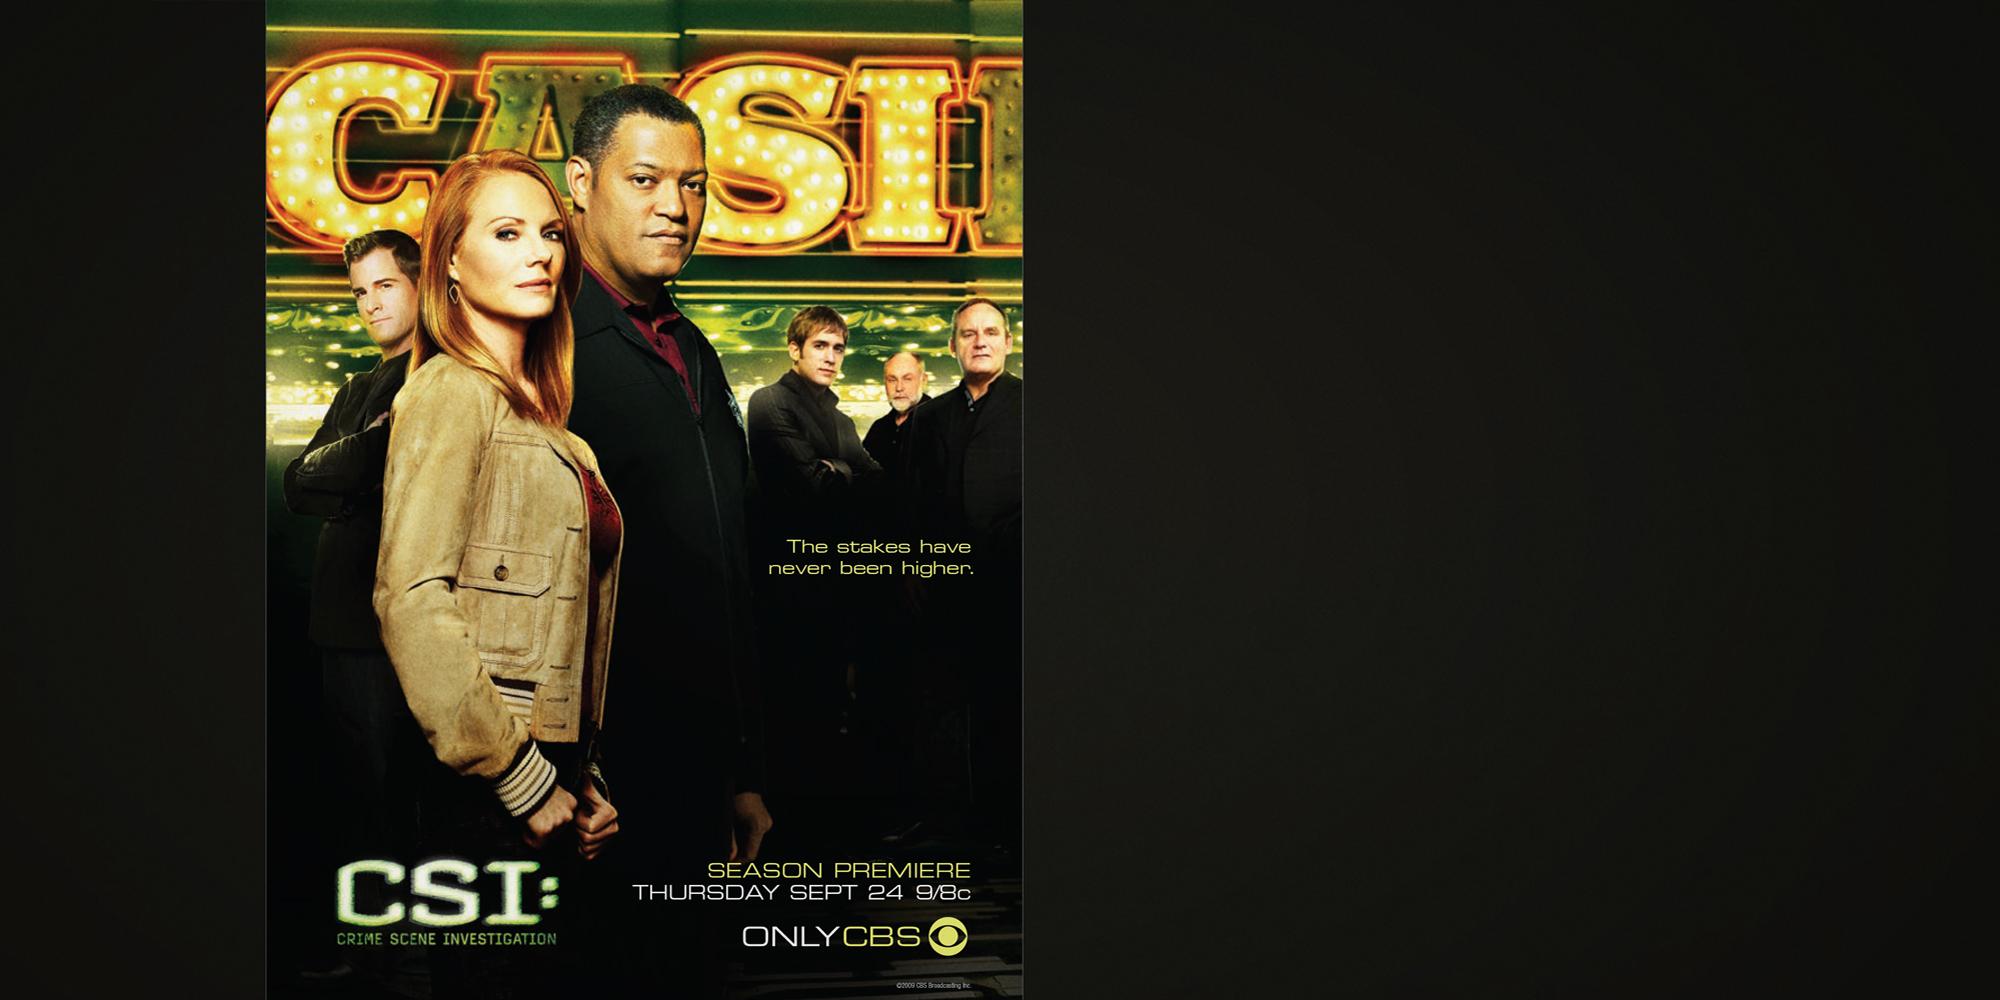 CSI / CBS